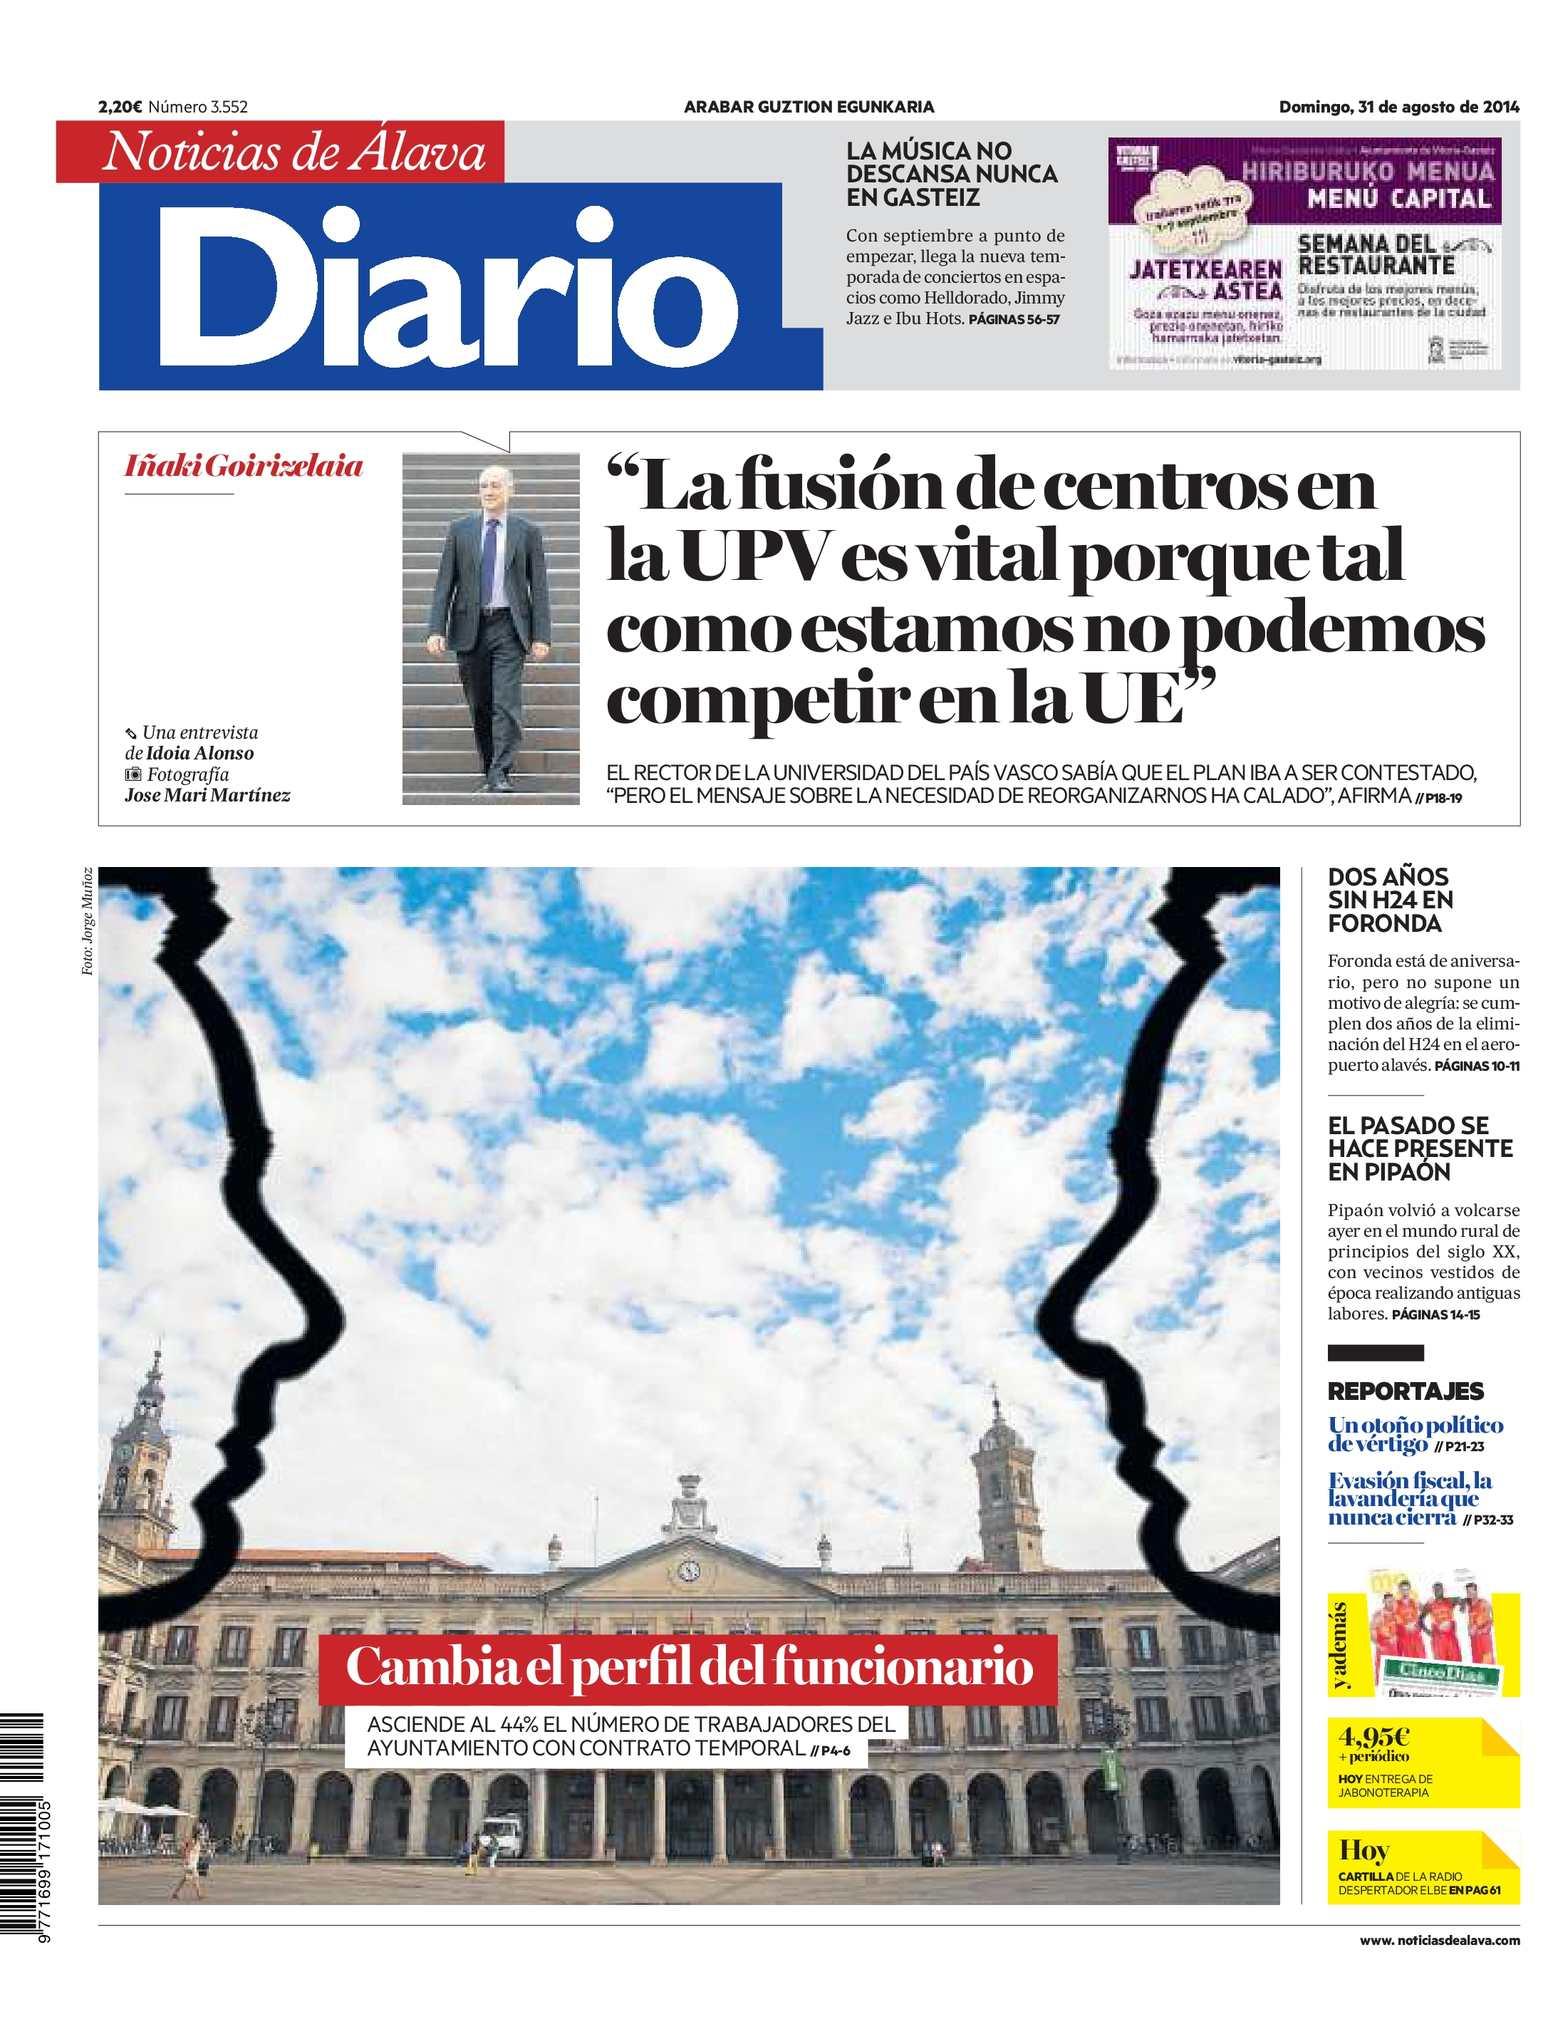 Calaméo - Diario de Noticias de Álava 20140831